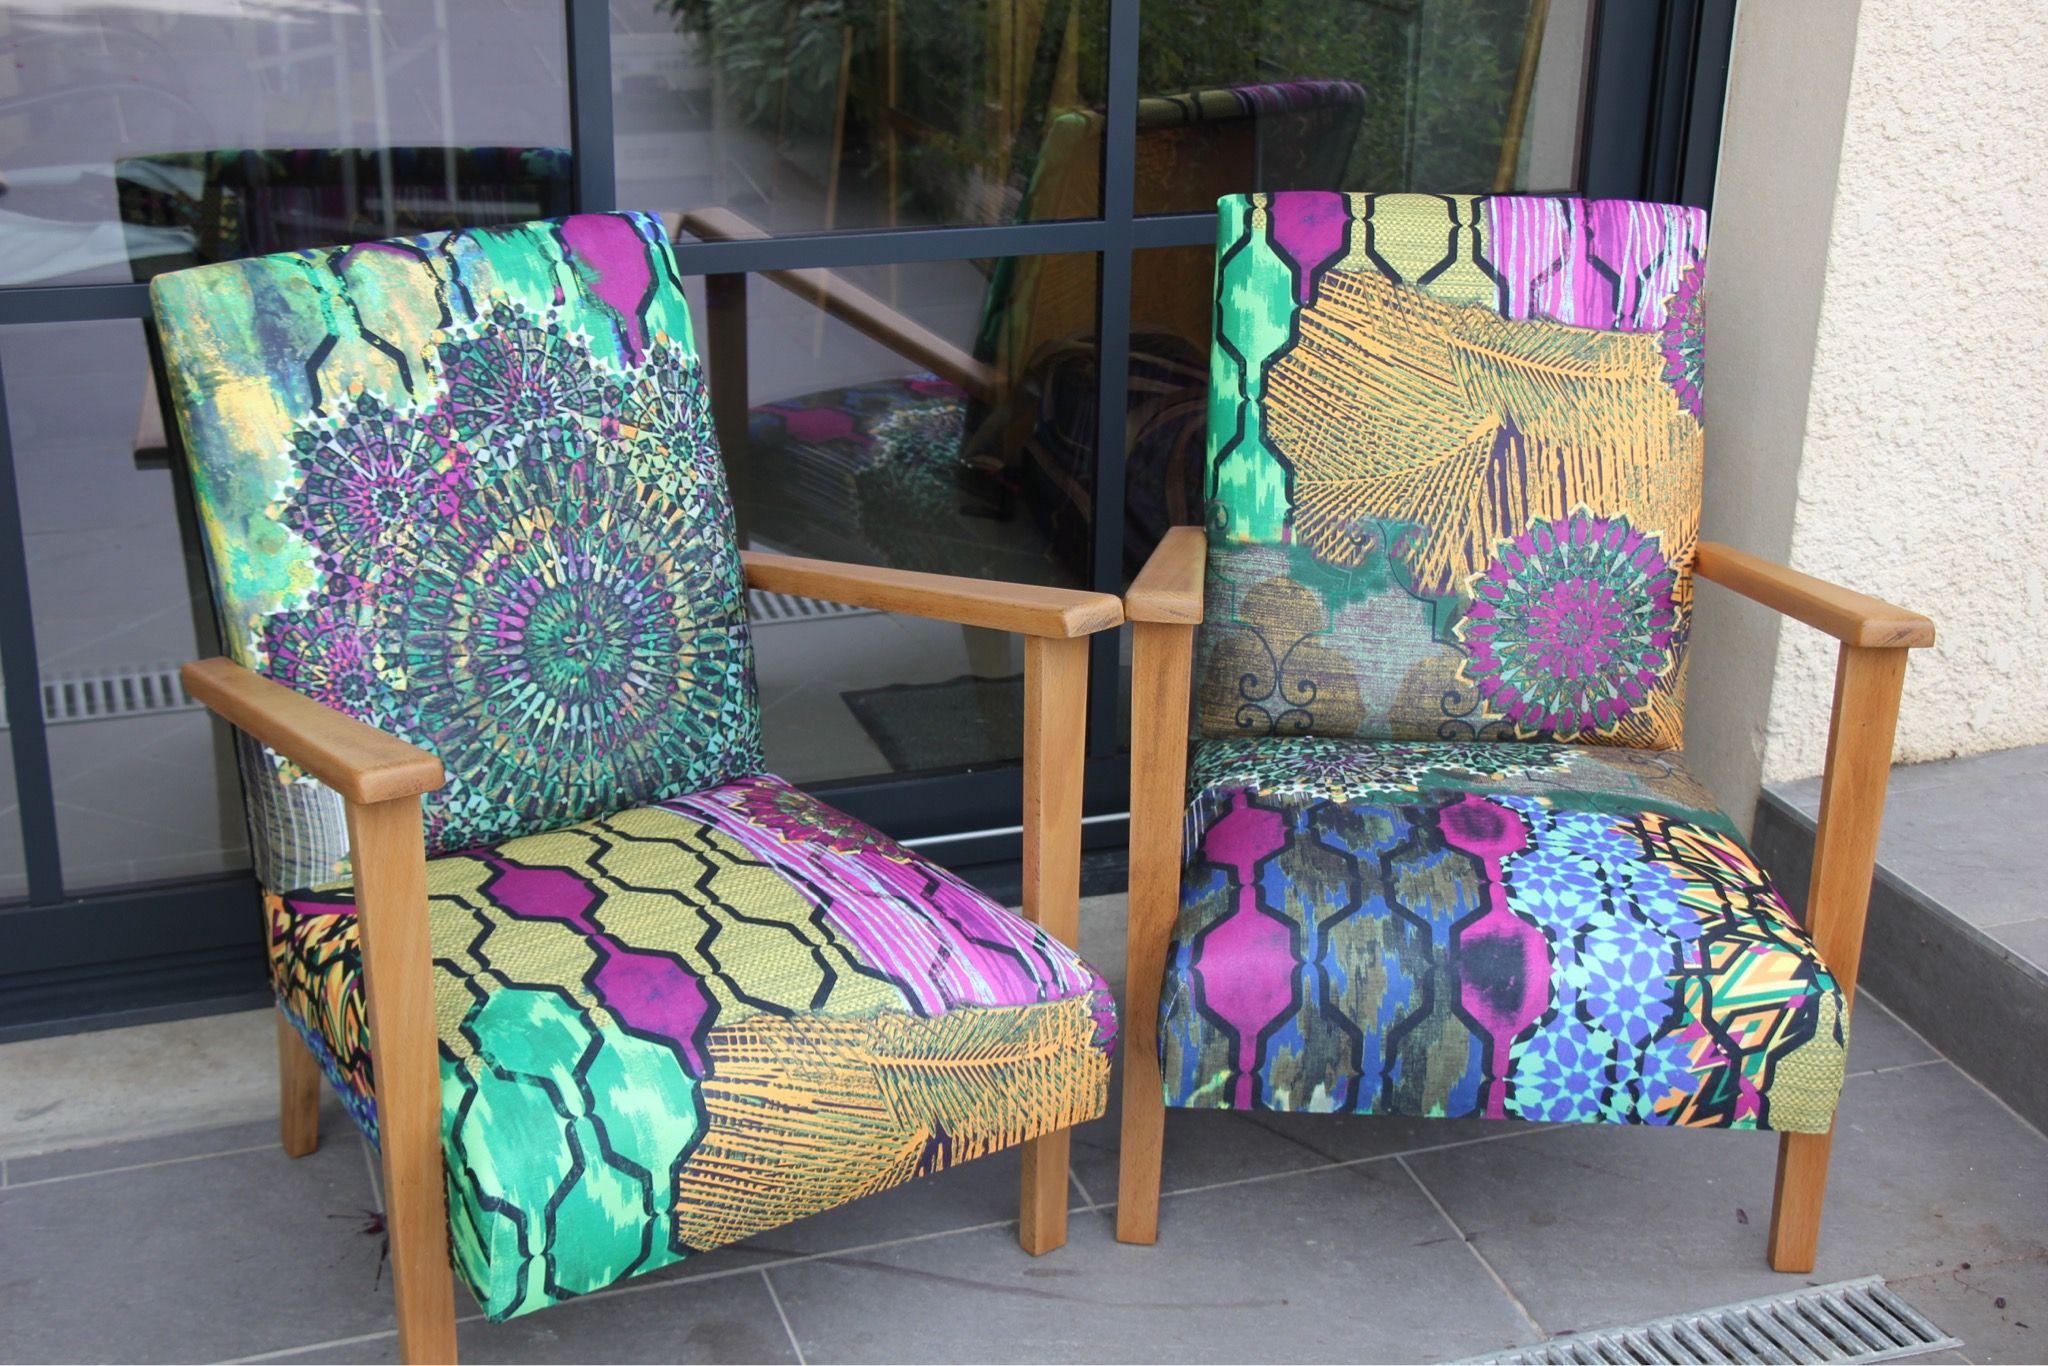 Tissus Ameublement La Rochelle fauteuil tapissier la rochelle tissu casal woodstock